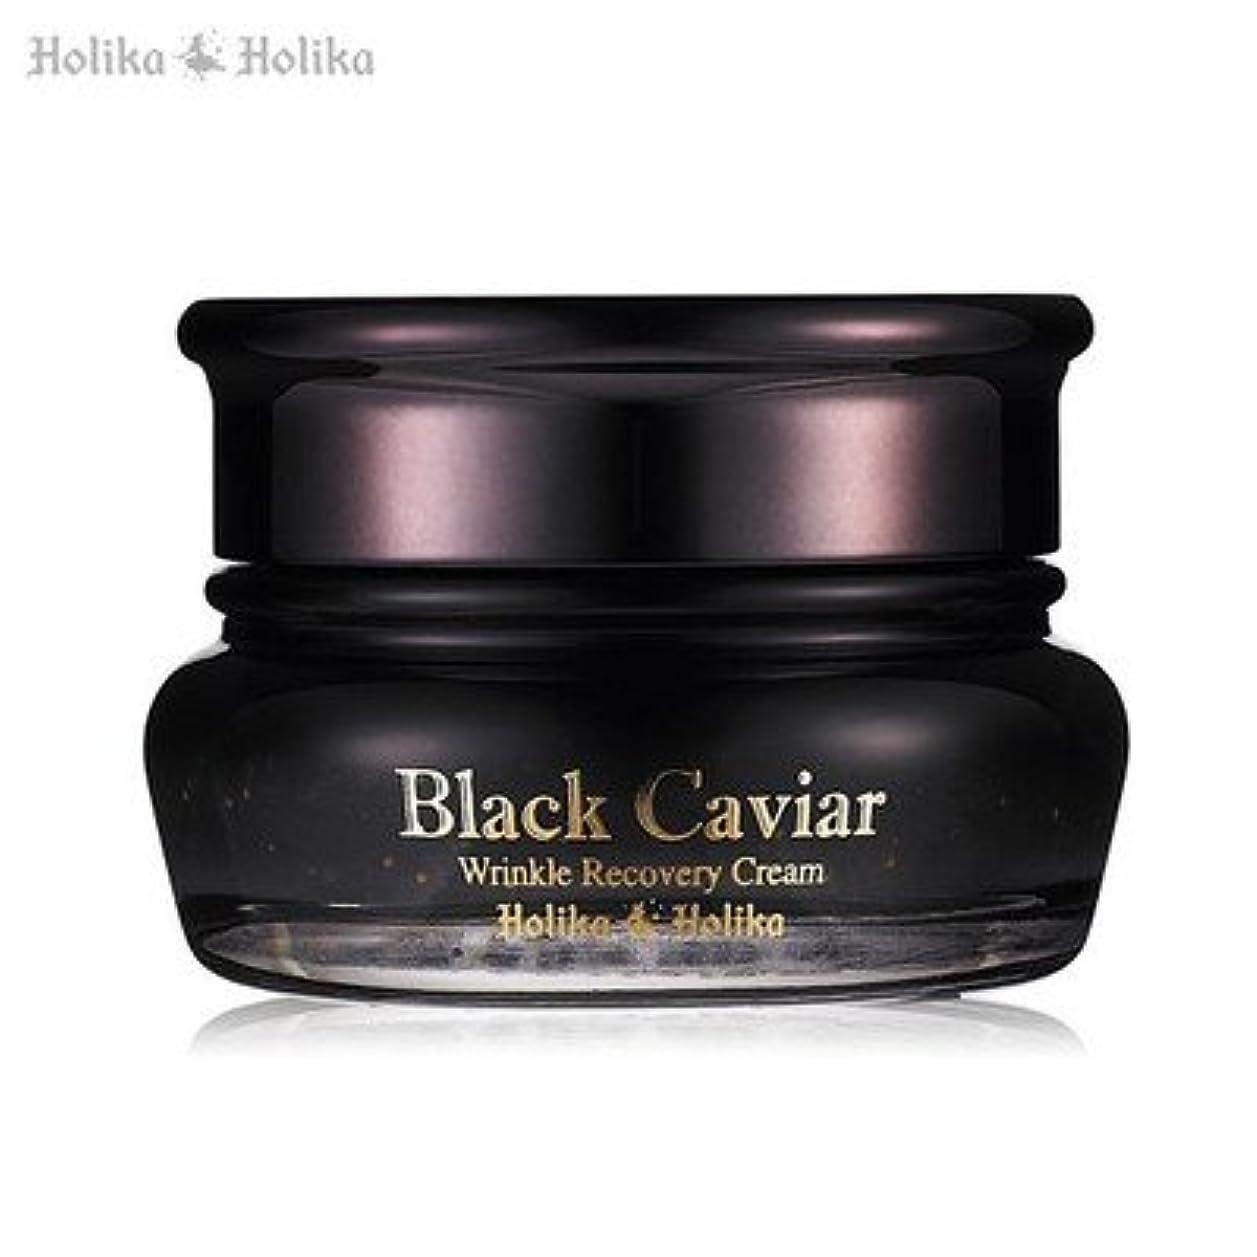 小康ブッシュ増幅器HolikaHolika(ホリカホリカ) ブラックキャビア リンクル リカバリー クリーム 50ml